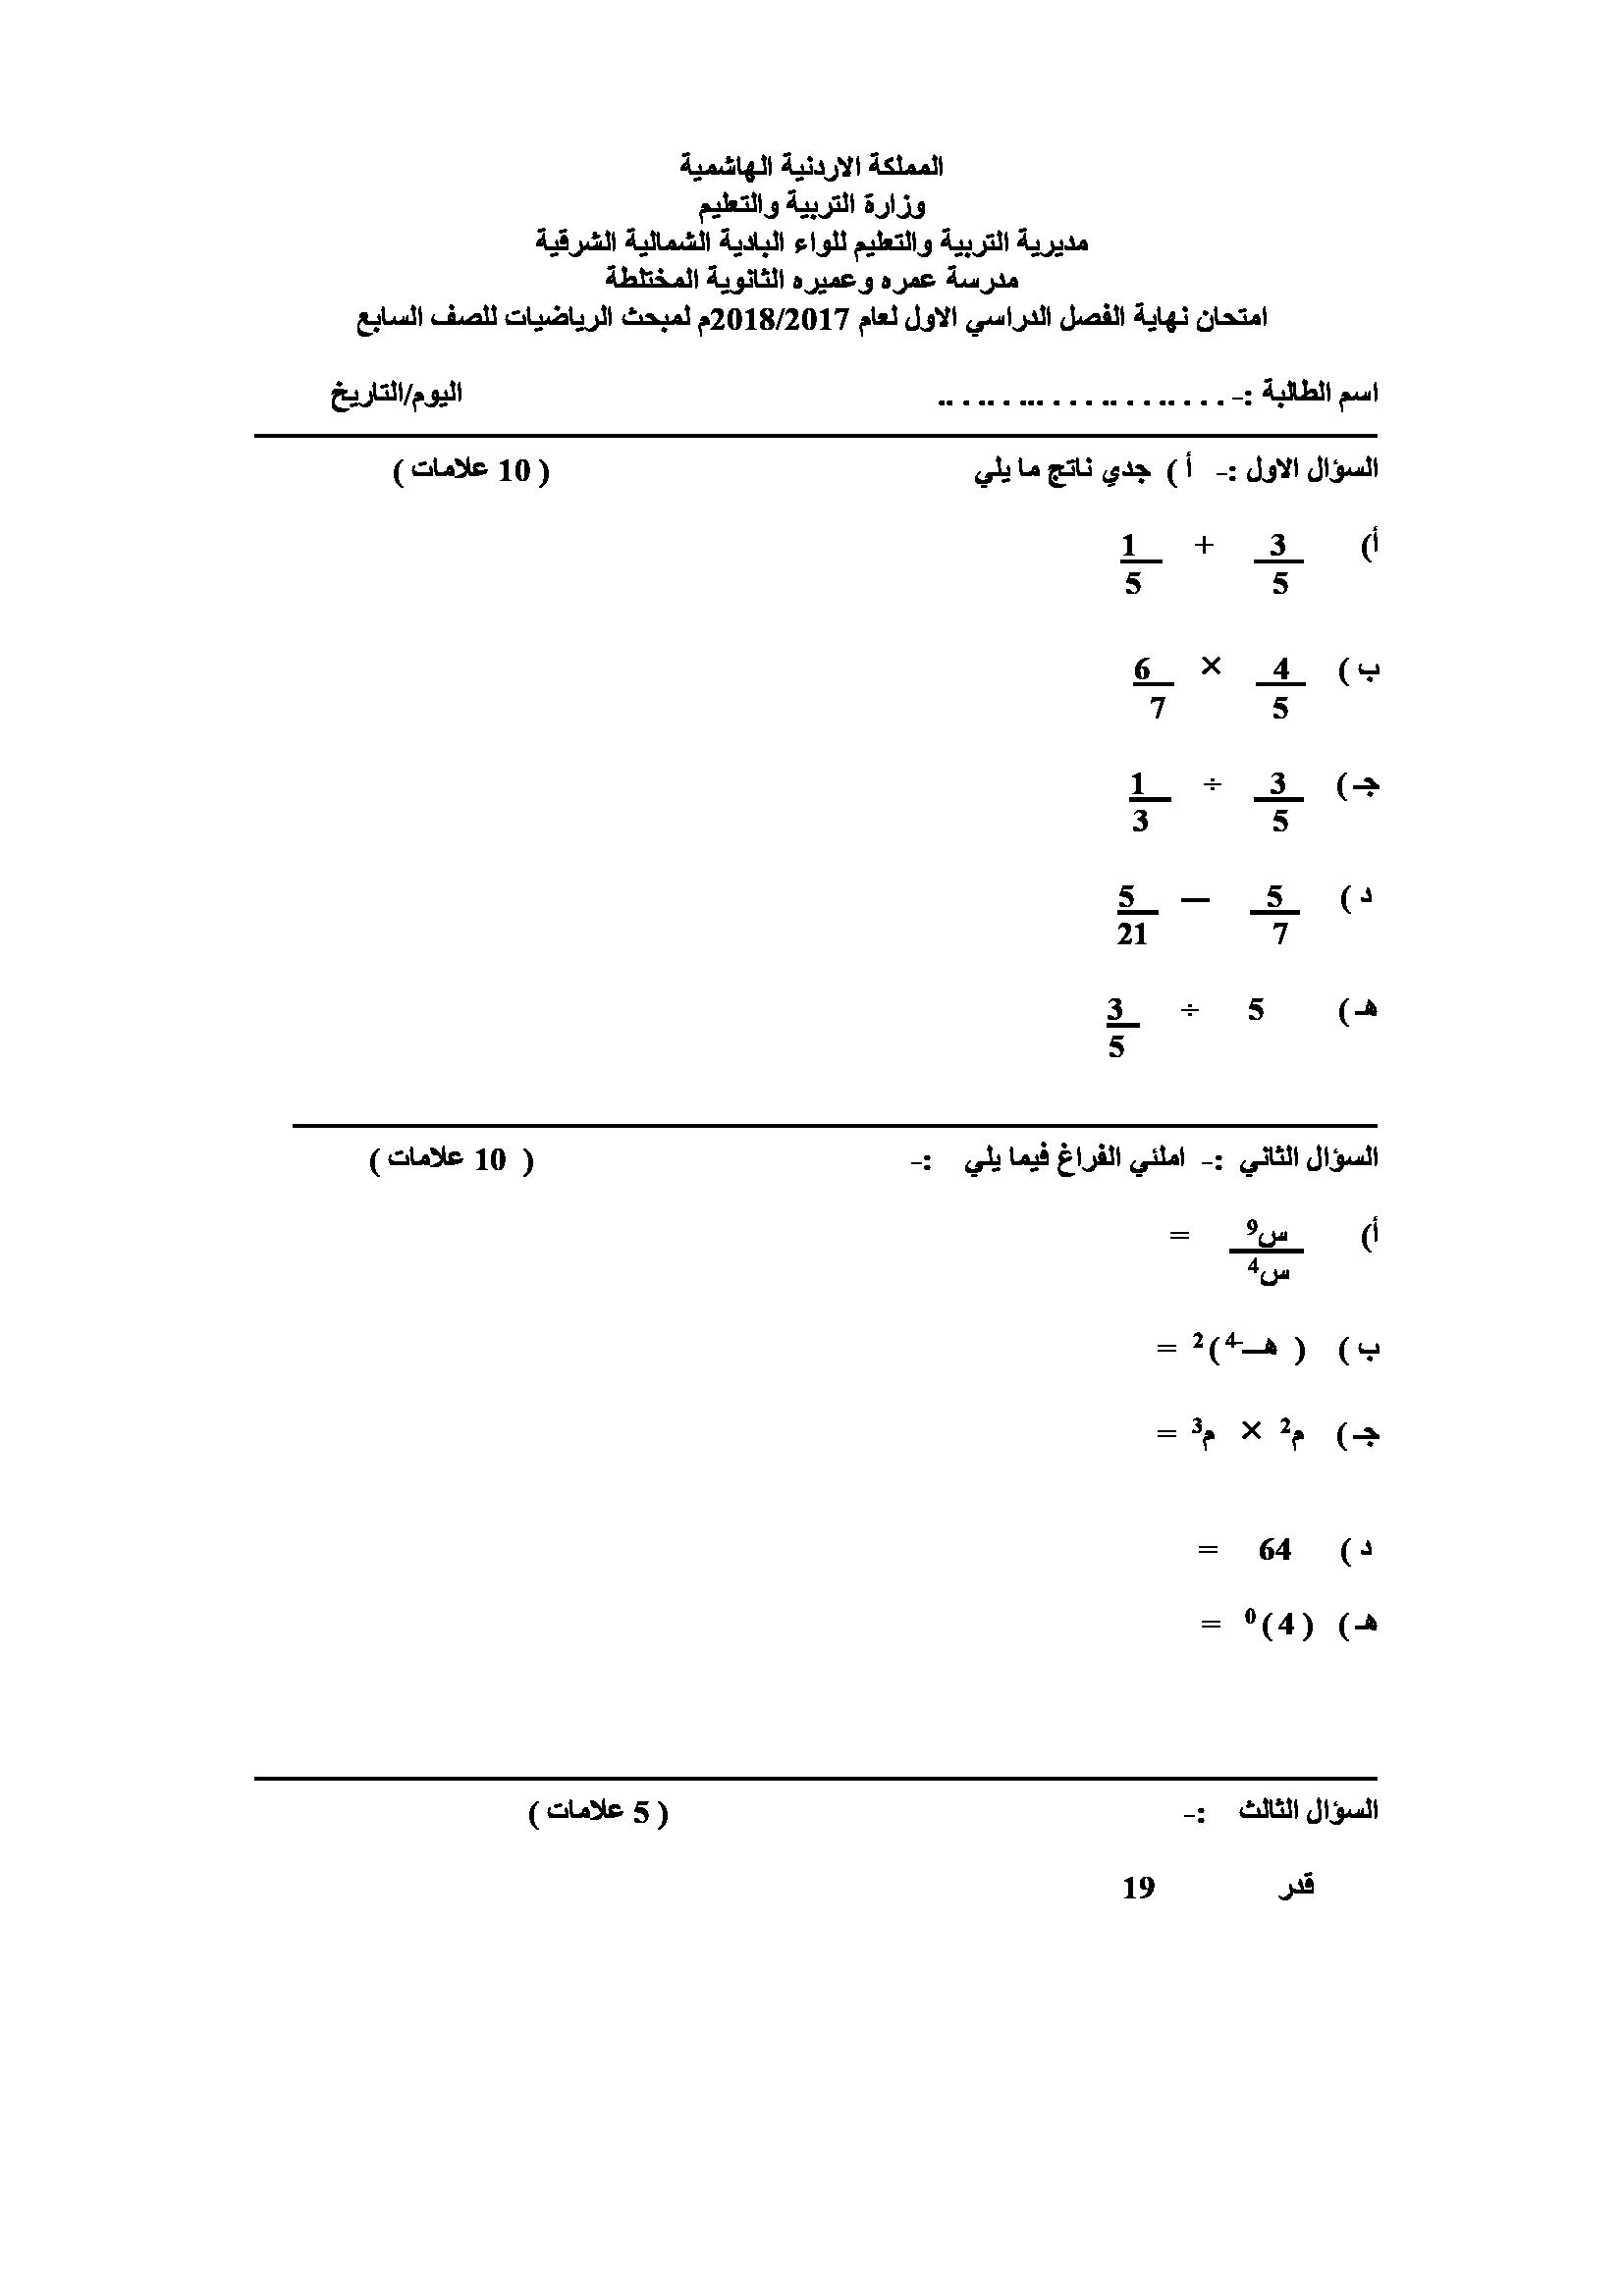 اختبار مادة الرياضيات للصف السابع نهاية الفصل الاول 2018